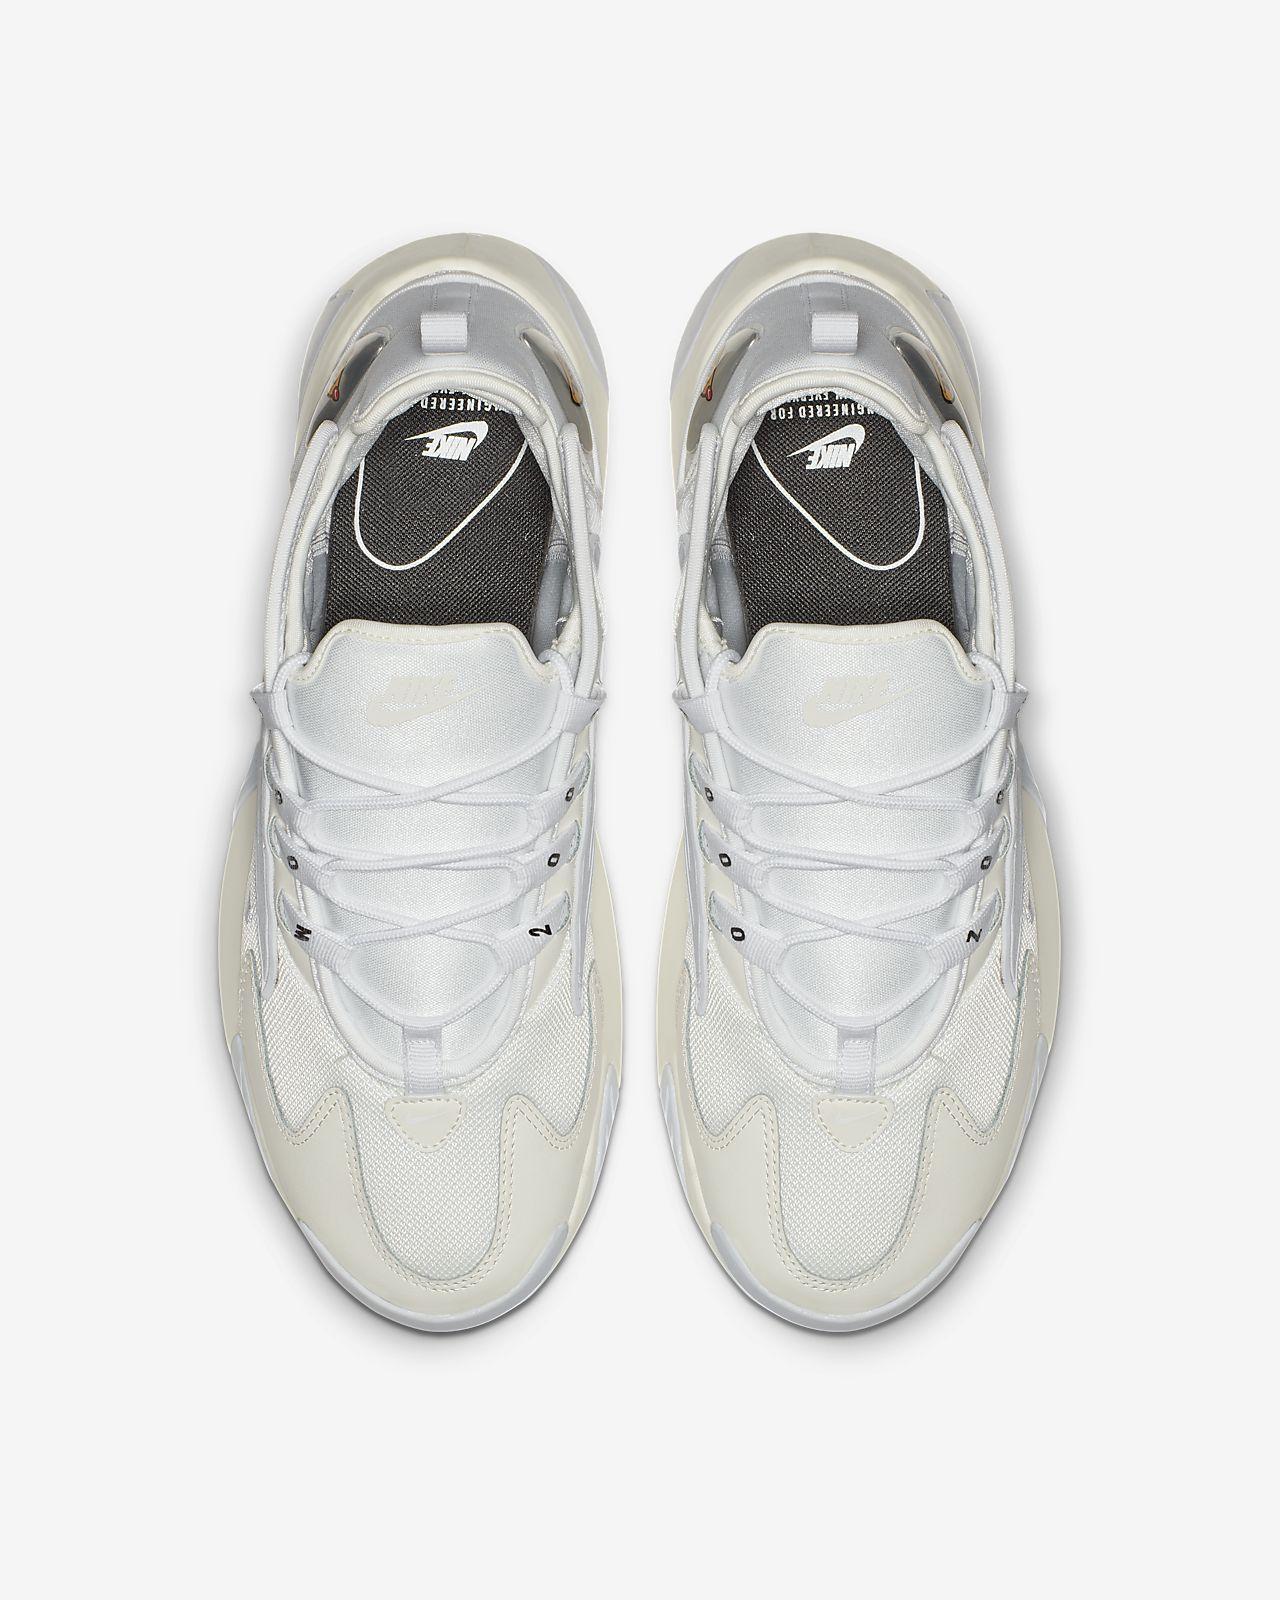 best website 0884b 3005a Sko Nike Zoom 2K för män. Nike.com SE